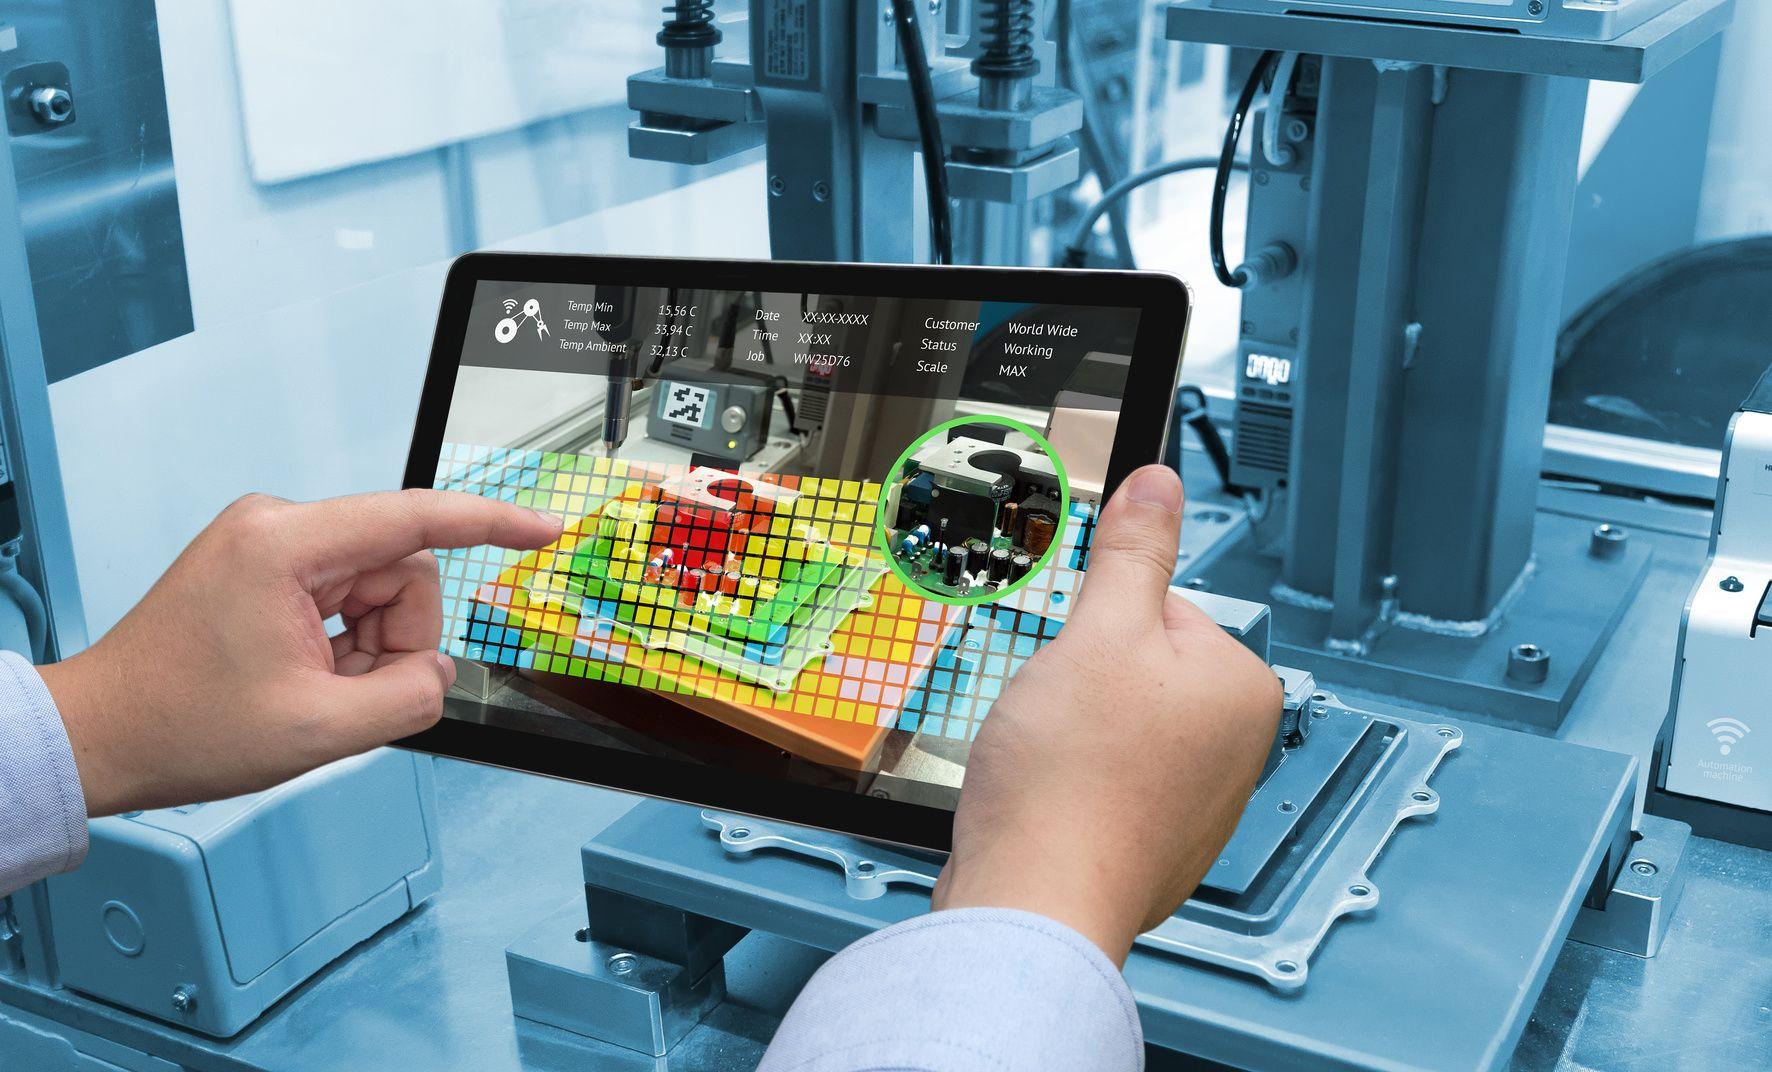 Evento CFI: l'ecosistema dell'innovazione tecnologica nel settore manifatturiero